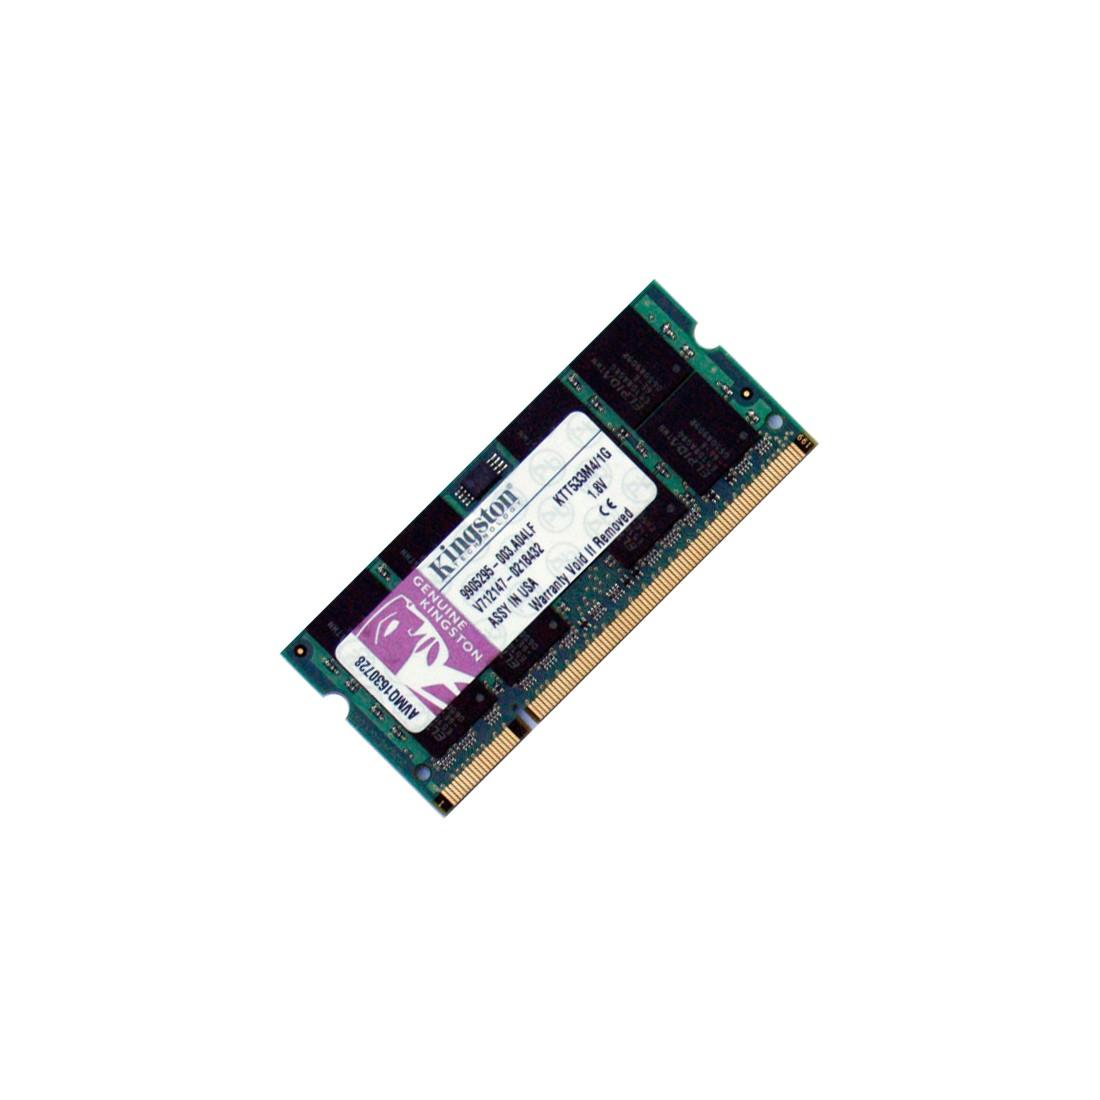 ΜΝΗΜΗ RAM 1GB SODIMM DDR 800